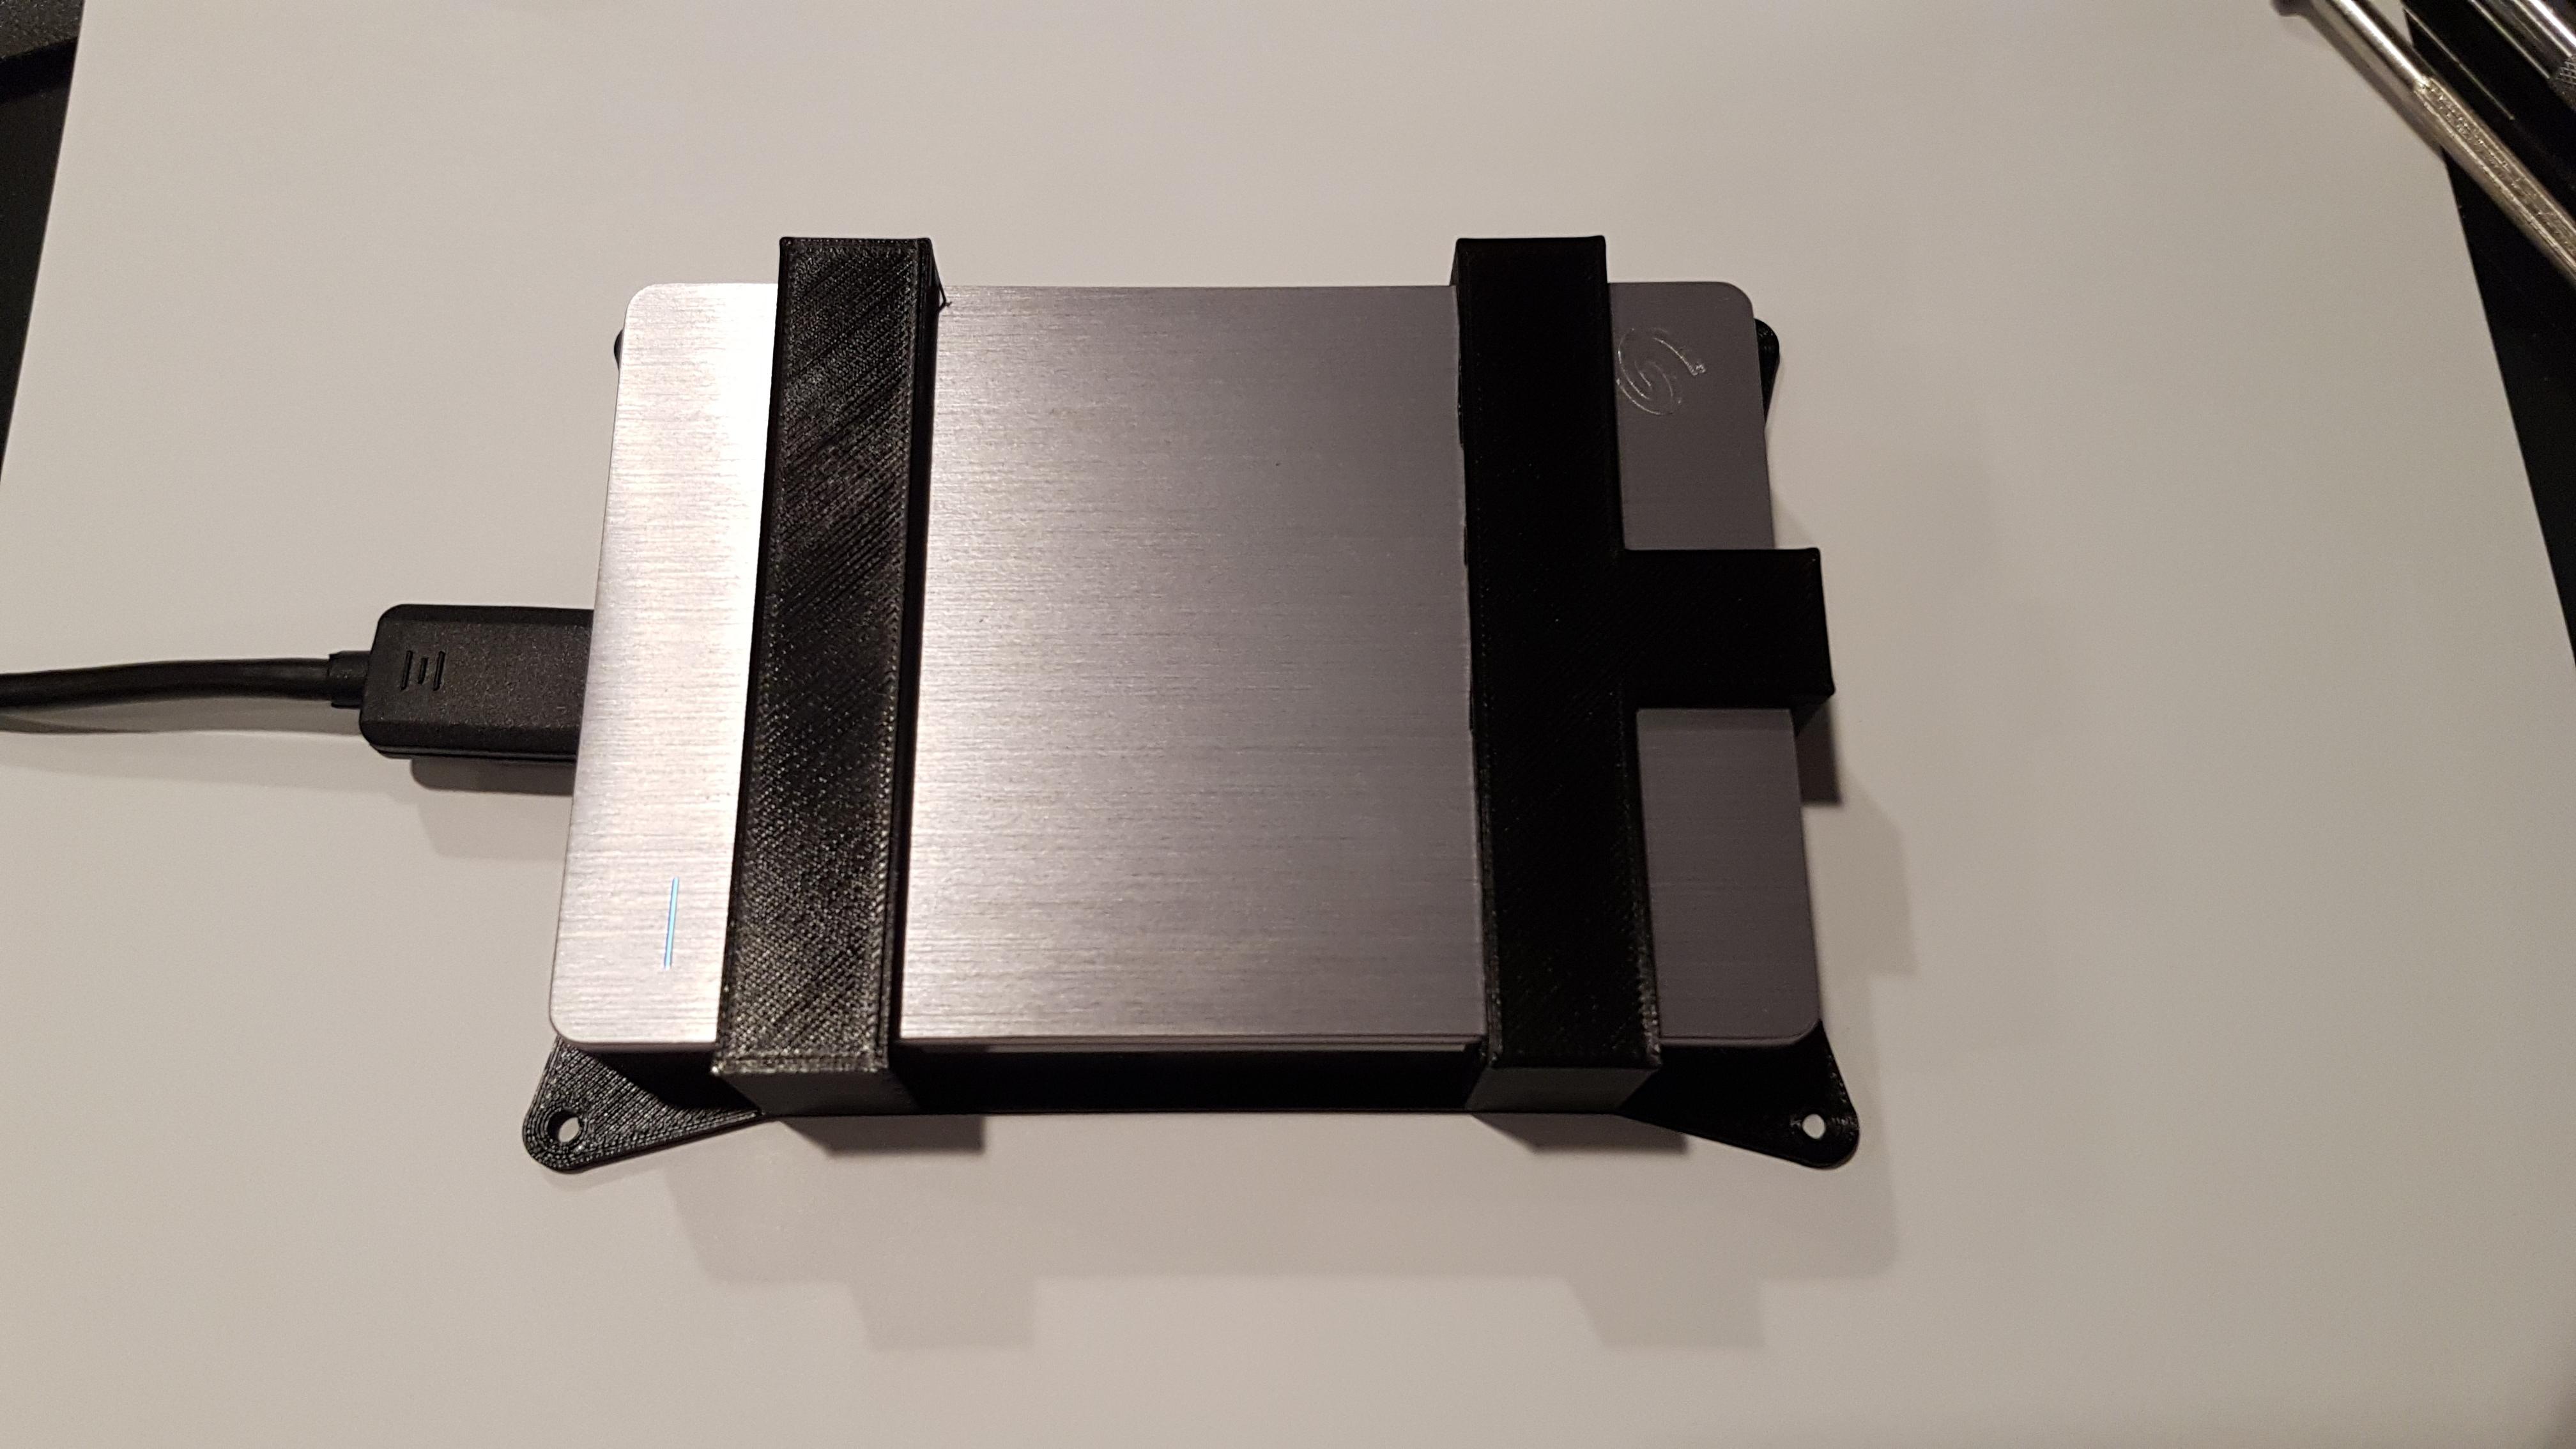 20170331_214503.jpg Télécharger fichier STL gratuit Seagate Backup Plus Mount • Design à imprimer en 3D, Hobb3s